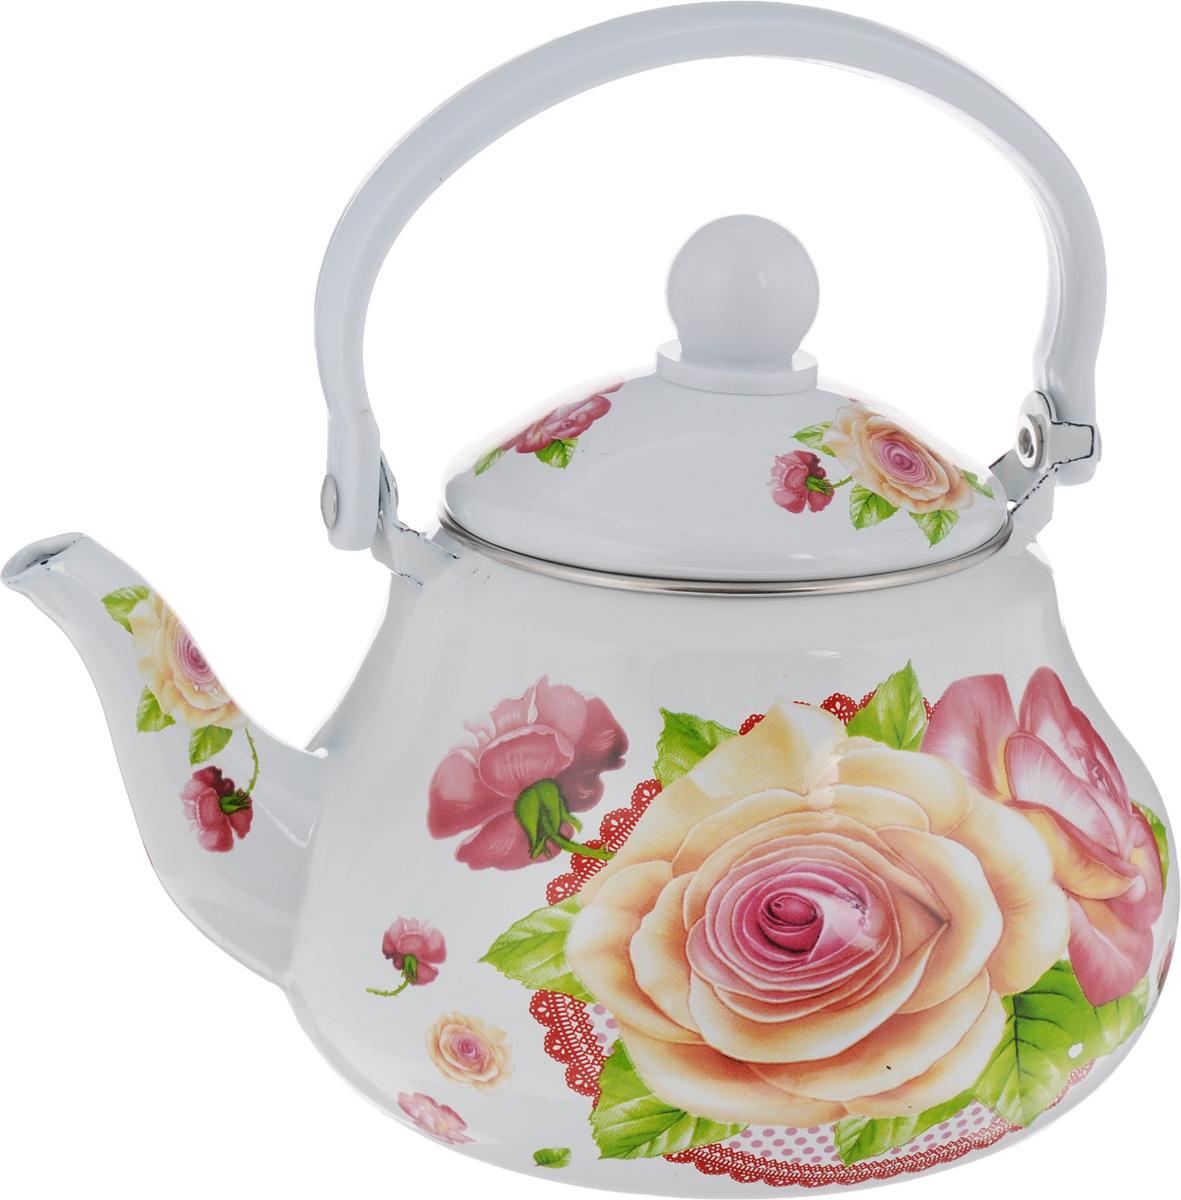 Чайник заварочный Mayer & Boch Розы, с ситечком, 1,5 л. 2398623986Чайник заварочный Mayer & Boch изготовлен из высококачественной углеродистой стали с эмалированным покрытием. Такой чайник гигиеничен и устойчив к износу при длительном использовании. Корпус чайника оформлен ярким цветочным рисунком. Чайник оснащен металлическим ситечком, который не позволит чаинкам попасть в чашку, при этом сохранит букет и насыщенность чая. Изделие подходит для всех видов плит, включая индукционные. Можно мыть в посудомоечной машине. Высота чайника (без учета ручки и крышки): 11,5 см. Высота чайника (с учетом ручки и крышки): 21 см. Диаметр индукционного дна: 9 см. Диаметр (по верхнему краю): 10 см.